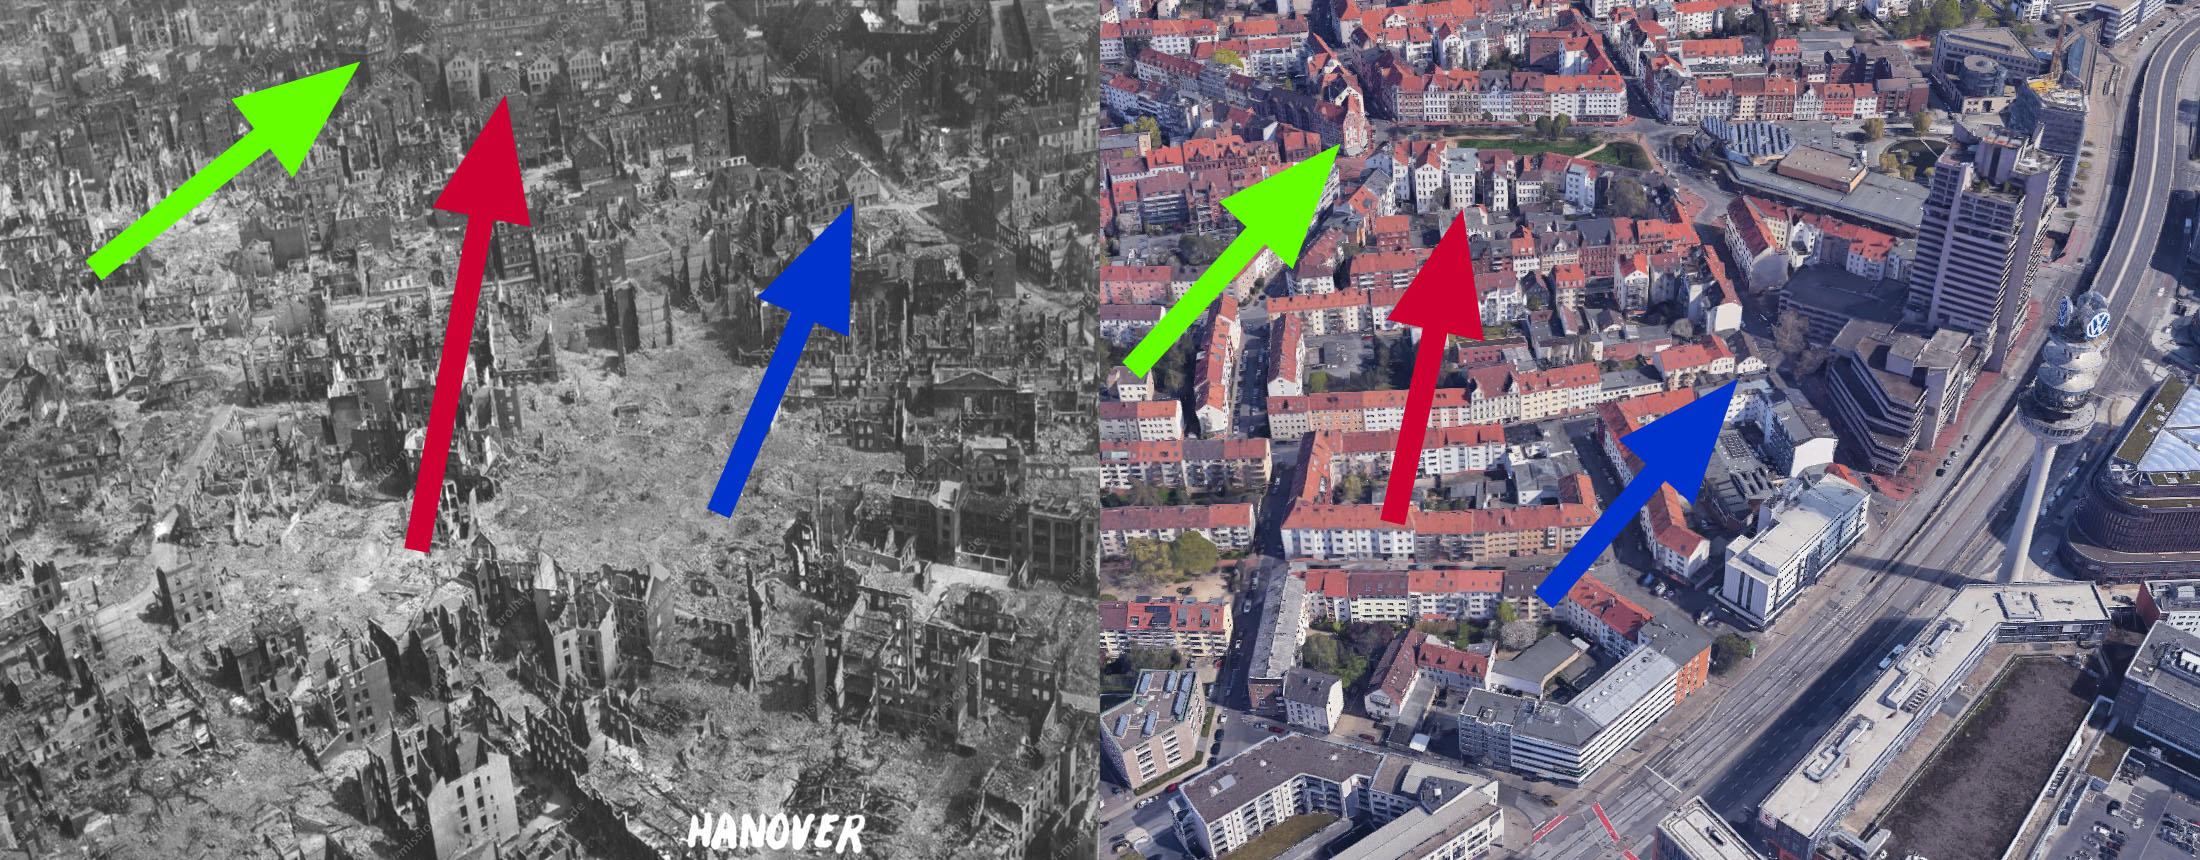 Vergleichsbild Hannover 1945 und Hannover 2021